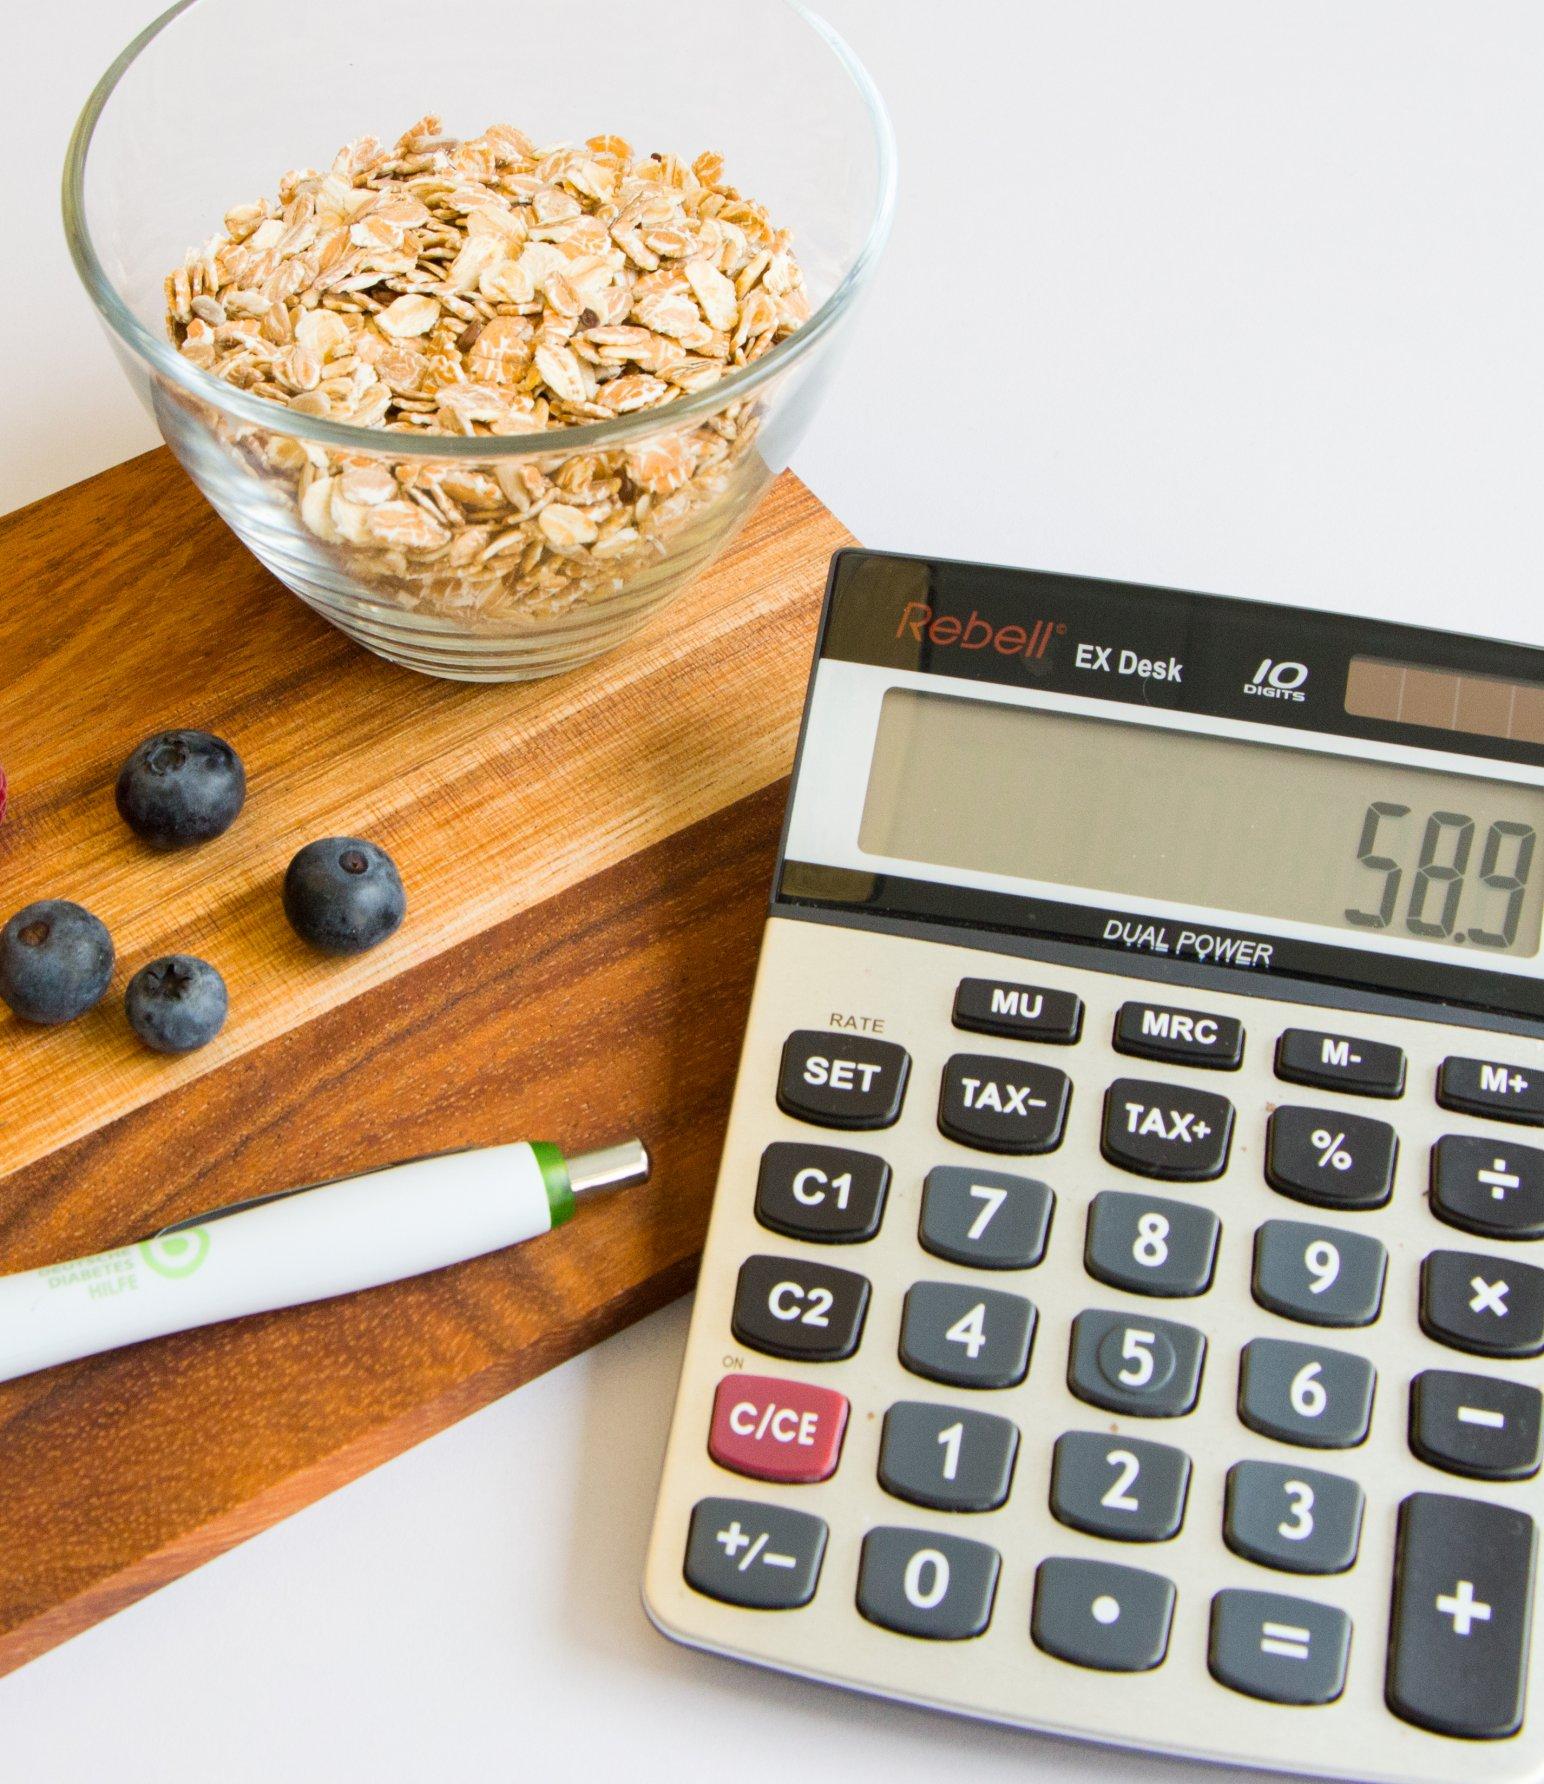 Blutzucker nach dem Essen messen - Taschenrechner